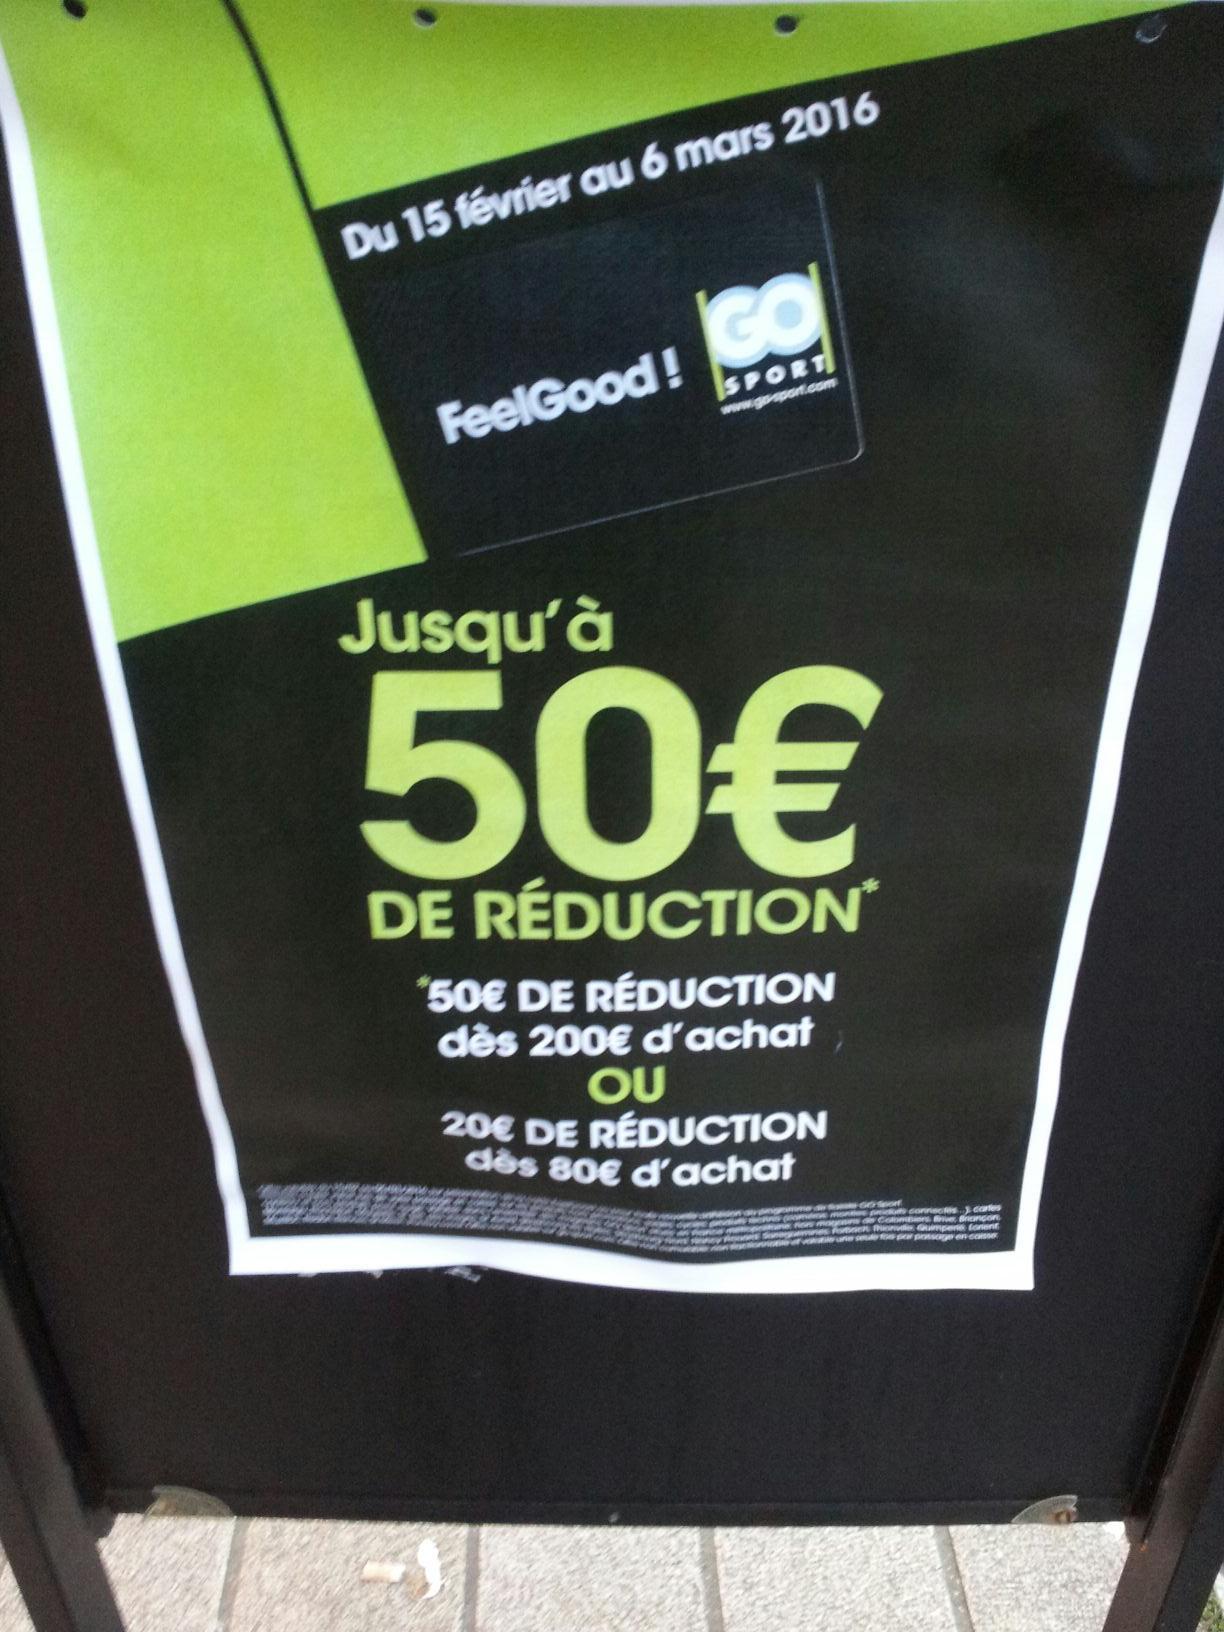 20€ de réduction dés 80€ d'achat ou 50€ dés 200€ d'achat